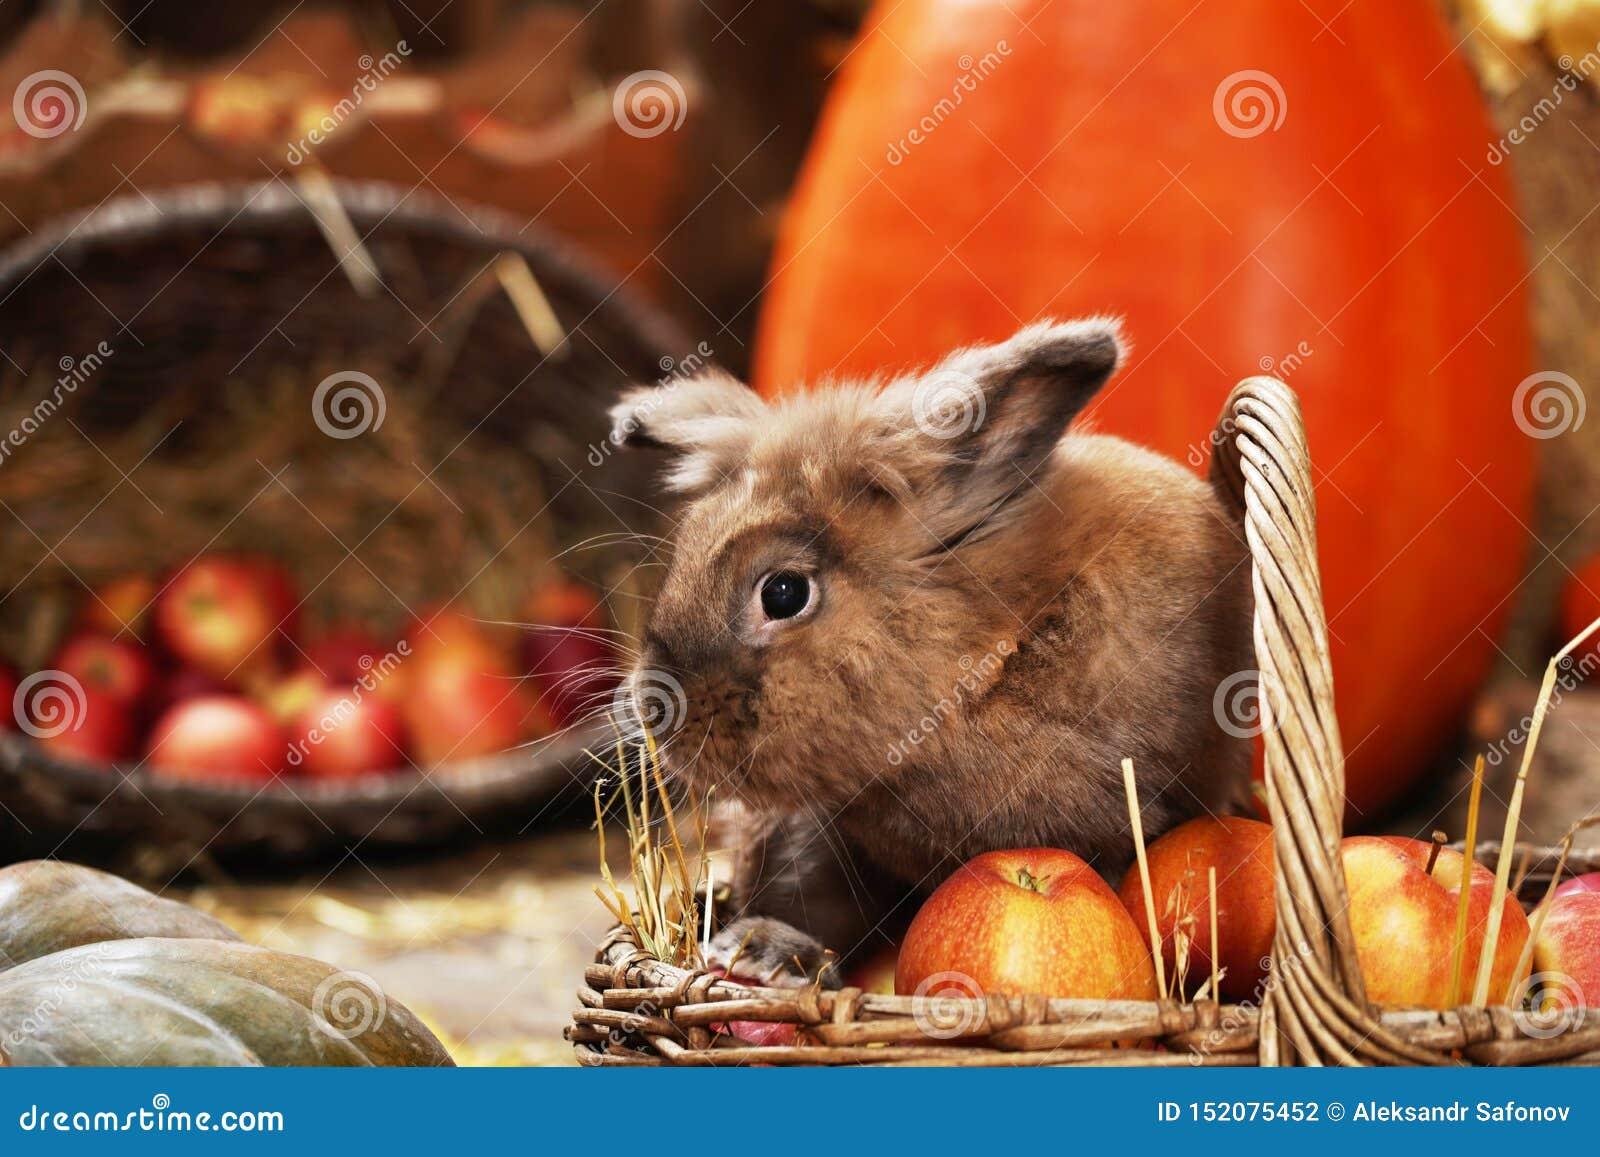 Dekoratives Kaninchen im Herbststandort, sitzend unter den Kürbisen des Heus und der Äpfel